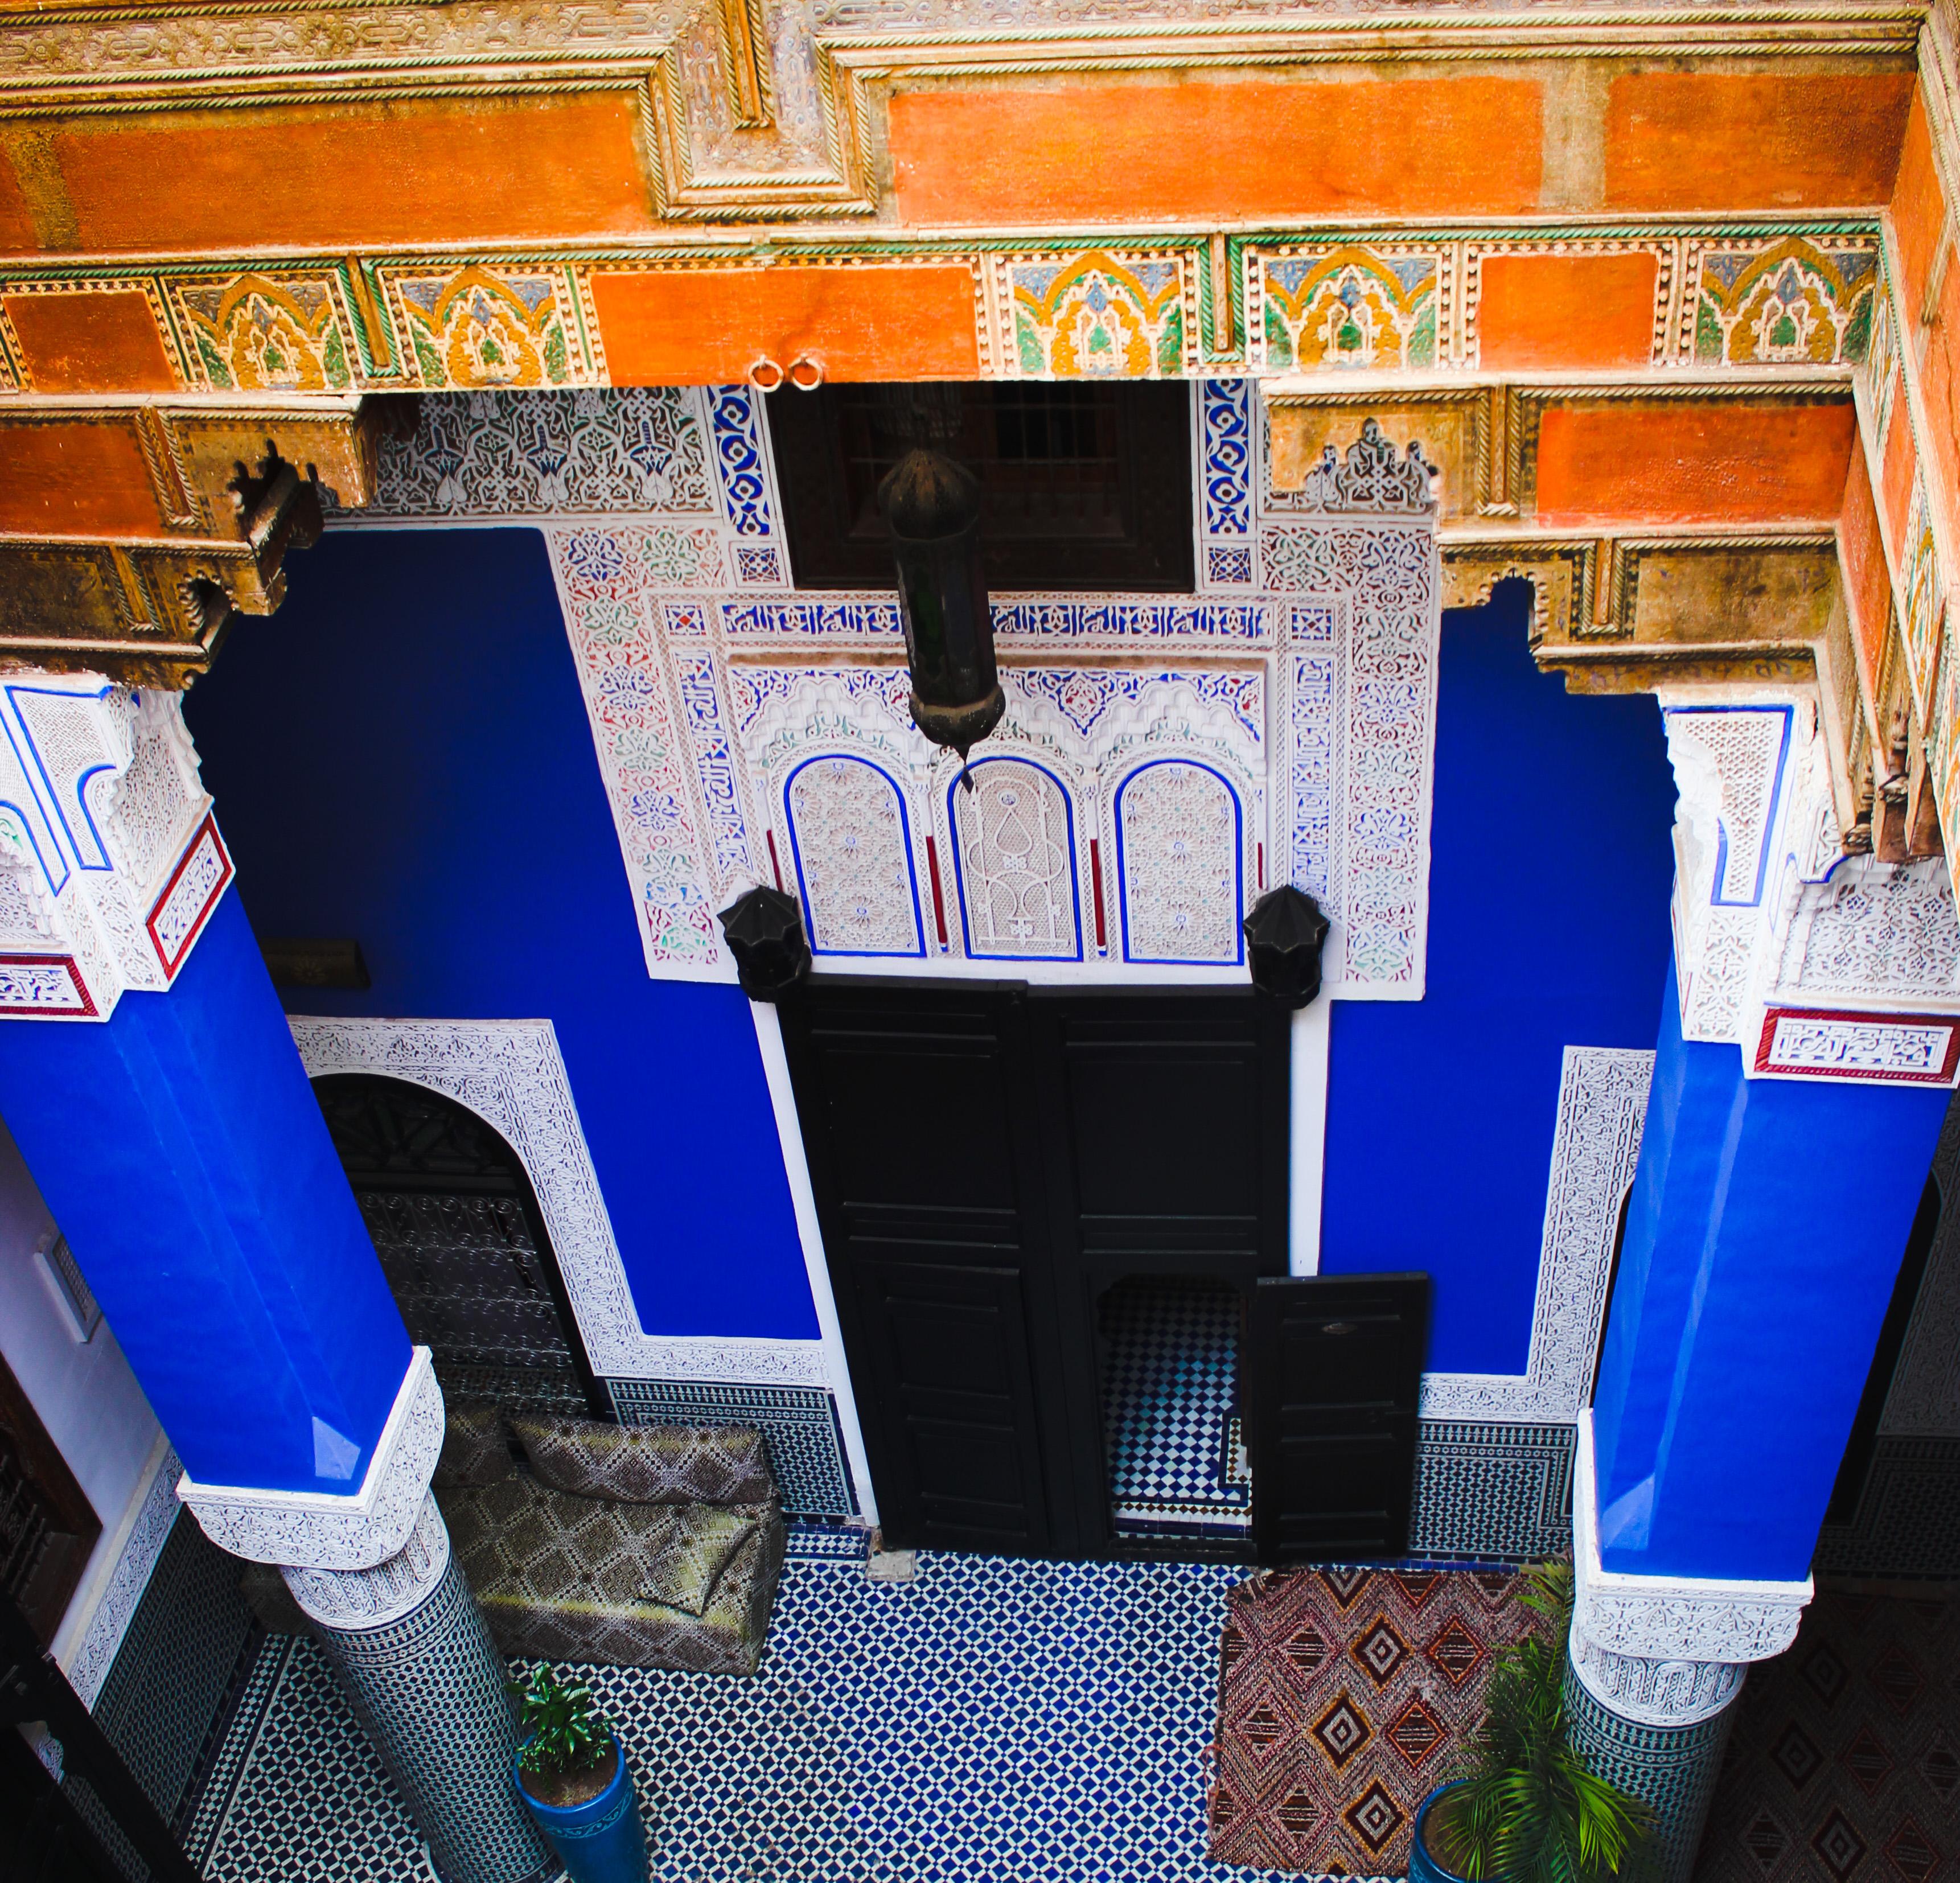 Su rl'image on voit les murs bleus du riad d'or à Meknès